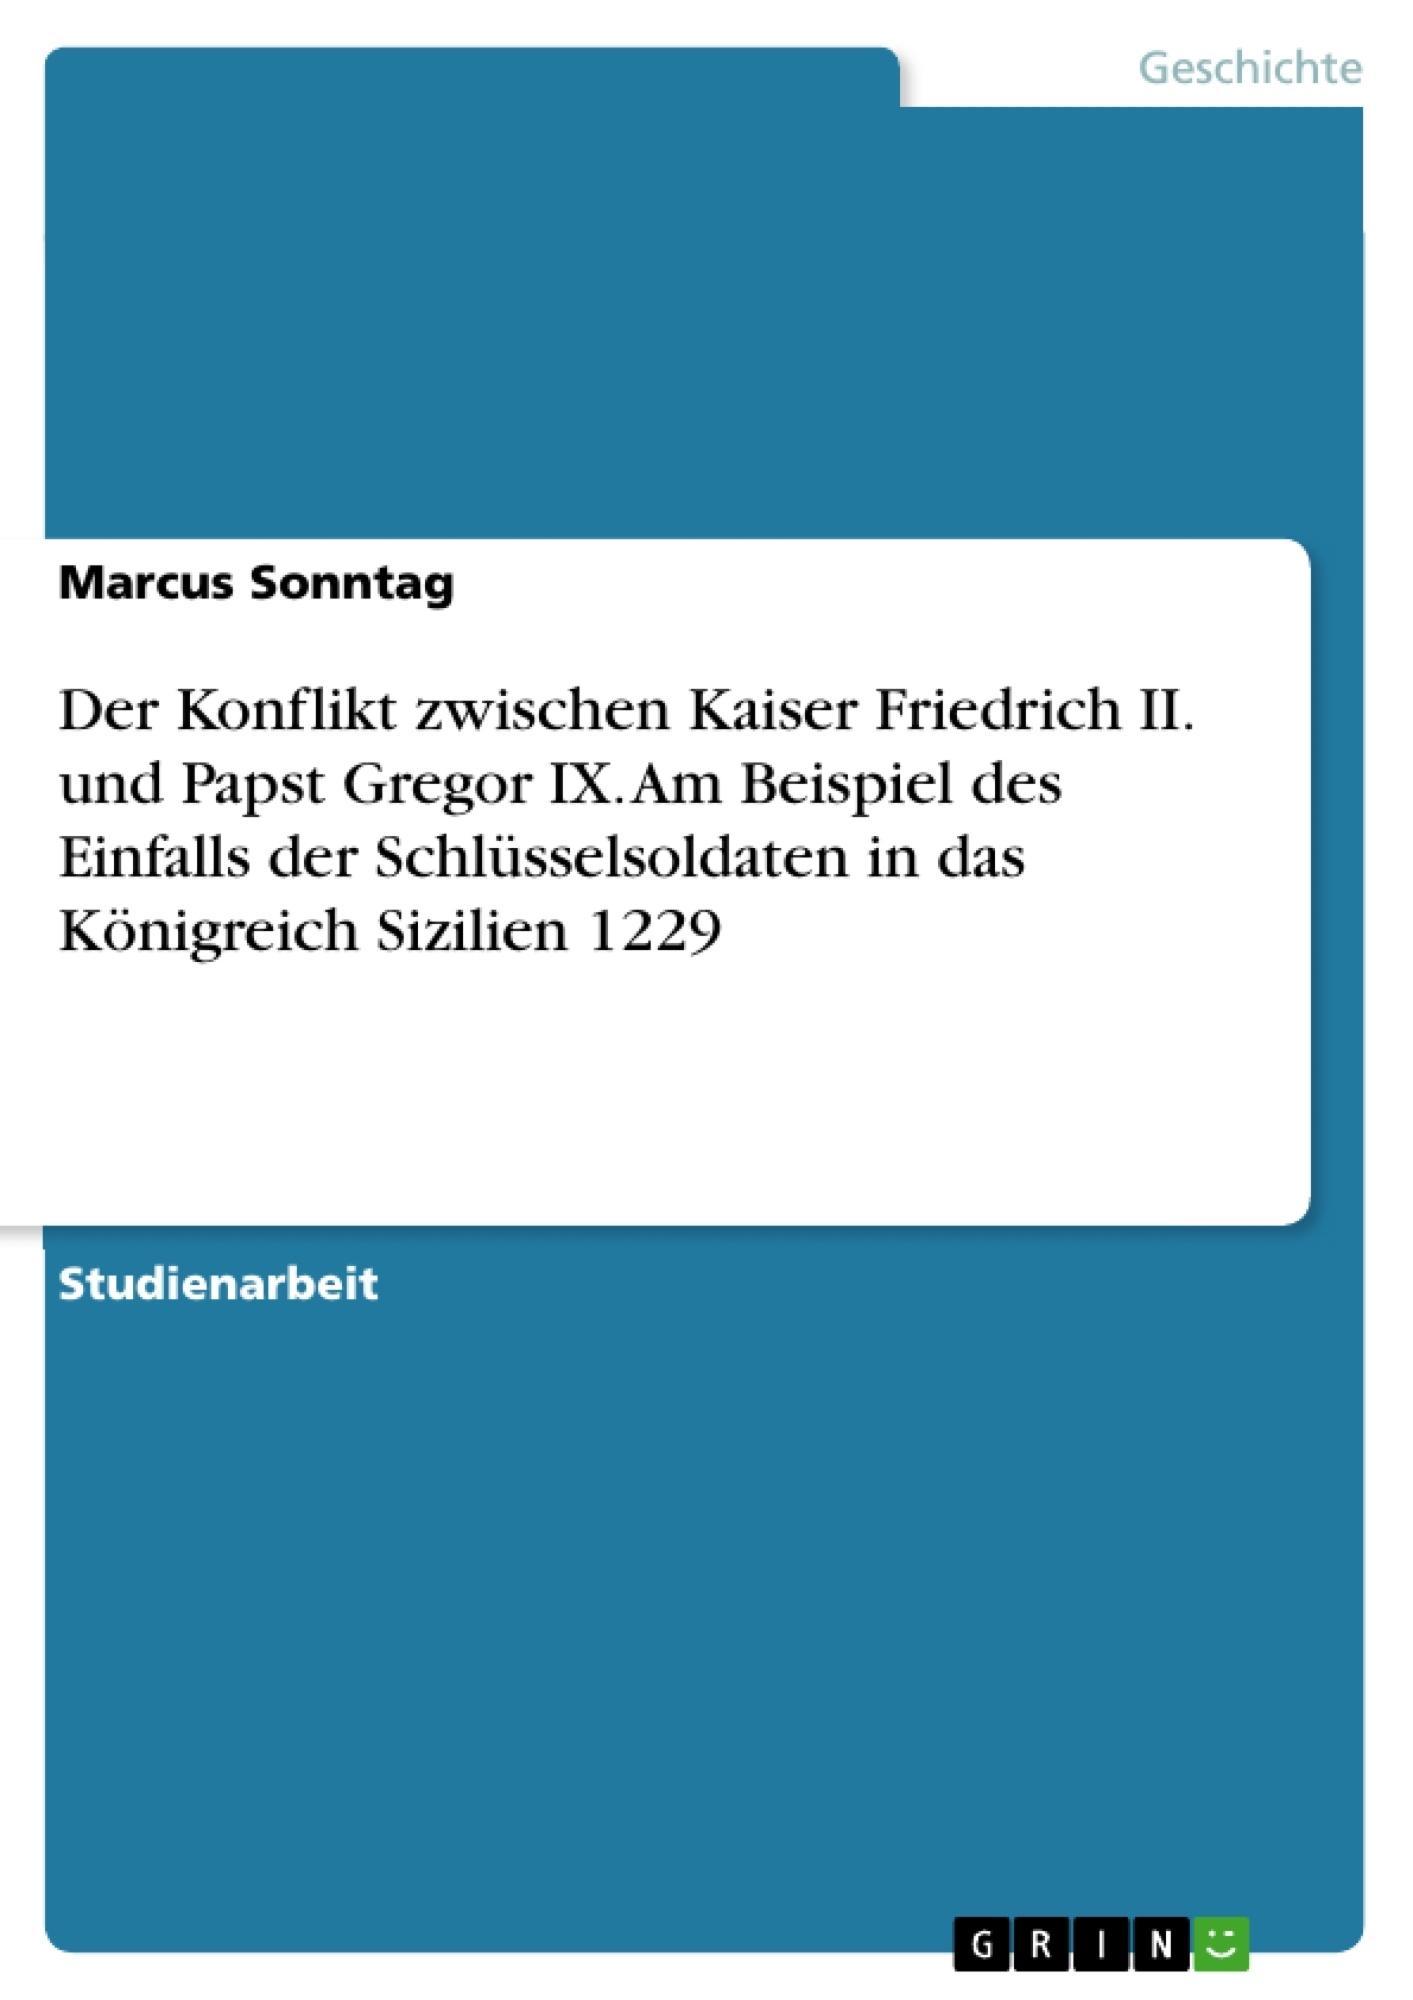 Titel: Der Konflikt zwischen Kaiser Friedrich II. und Papst Gregor IX. Am Beispiel des Einfalls der Schlüsselsoldaten in das Königreich Sizilien 1229